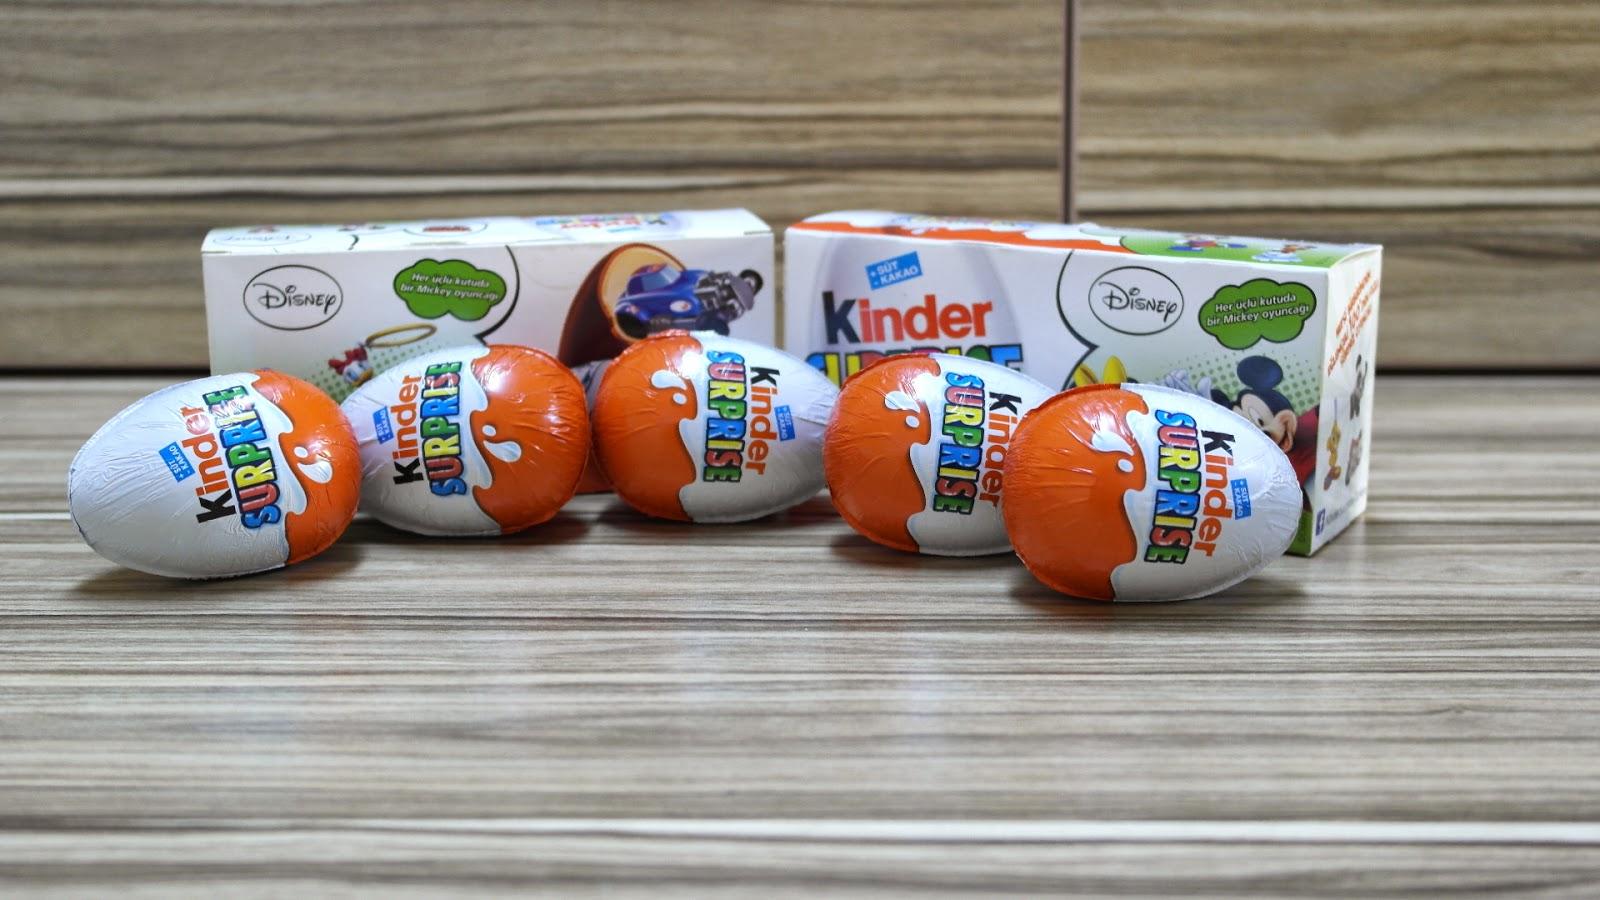 Disney Oyuncağı Çıkan Kinder Sürpriz Yumurtaları